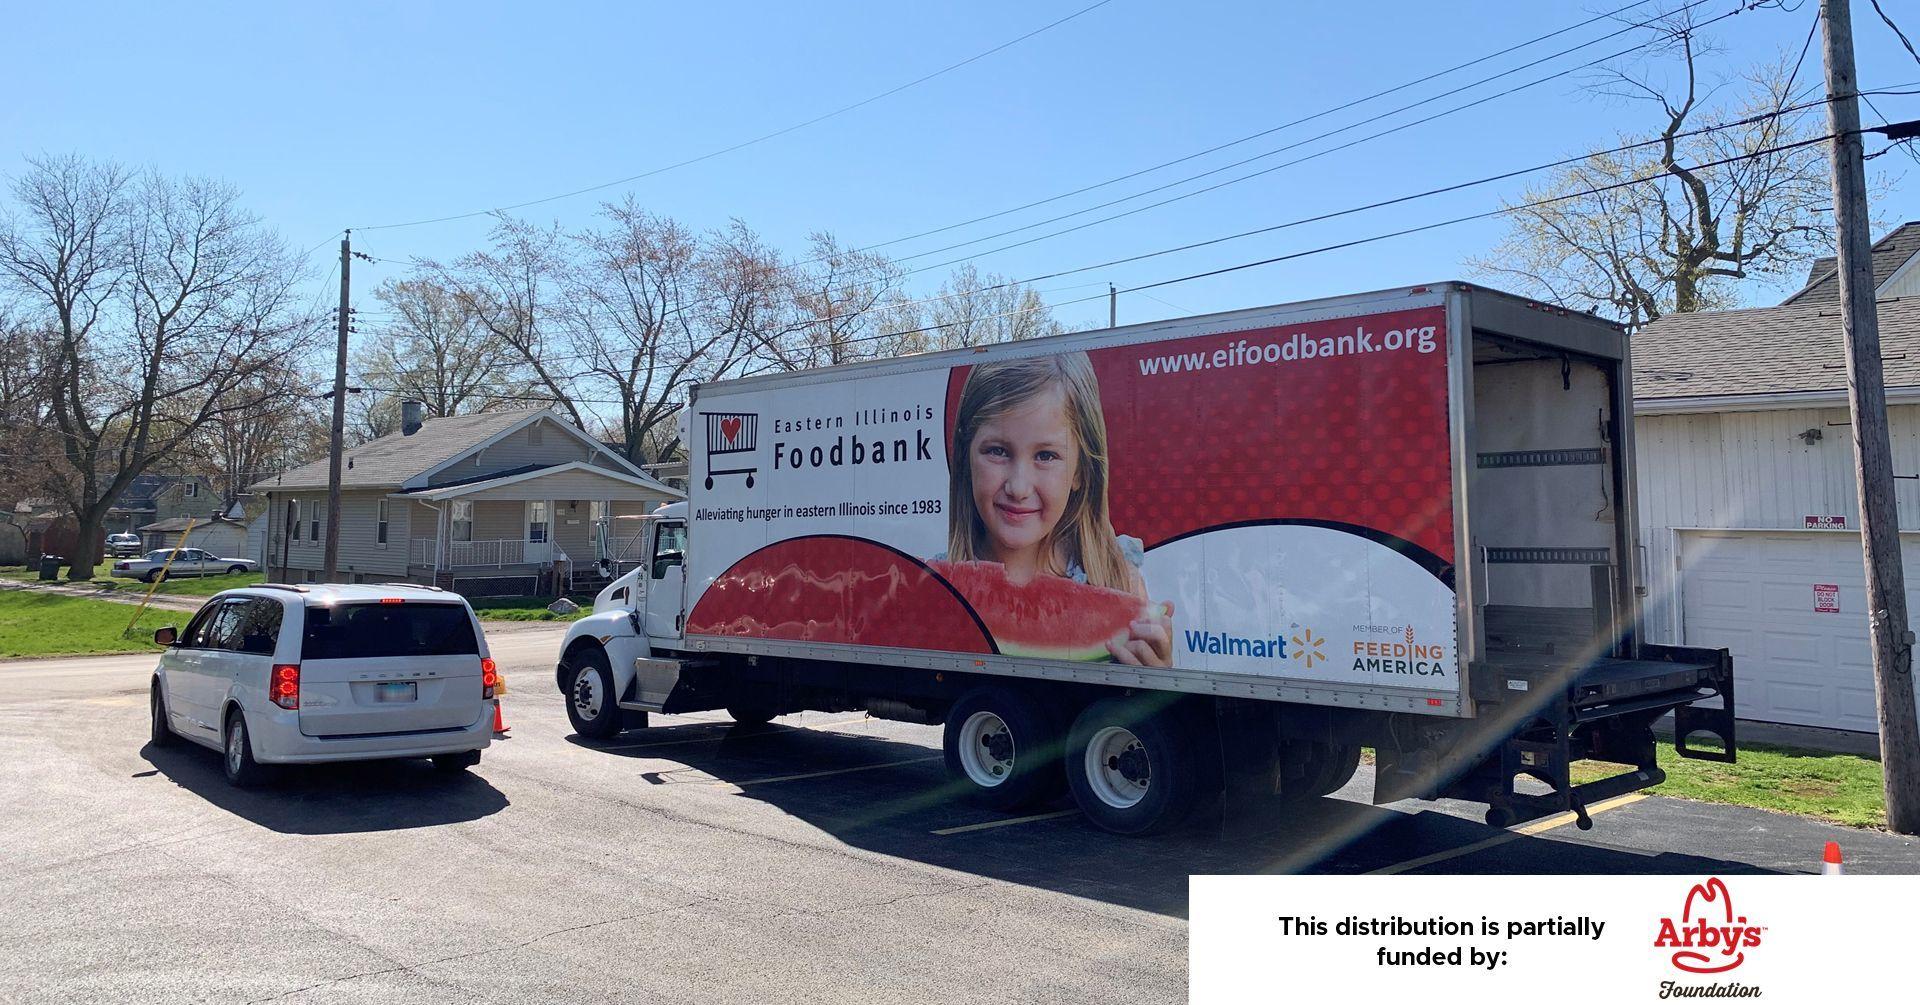 Drive-Thru Distribution in Clinton, IL